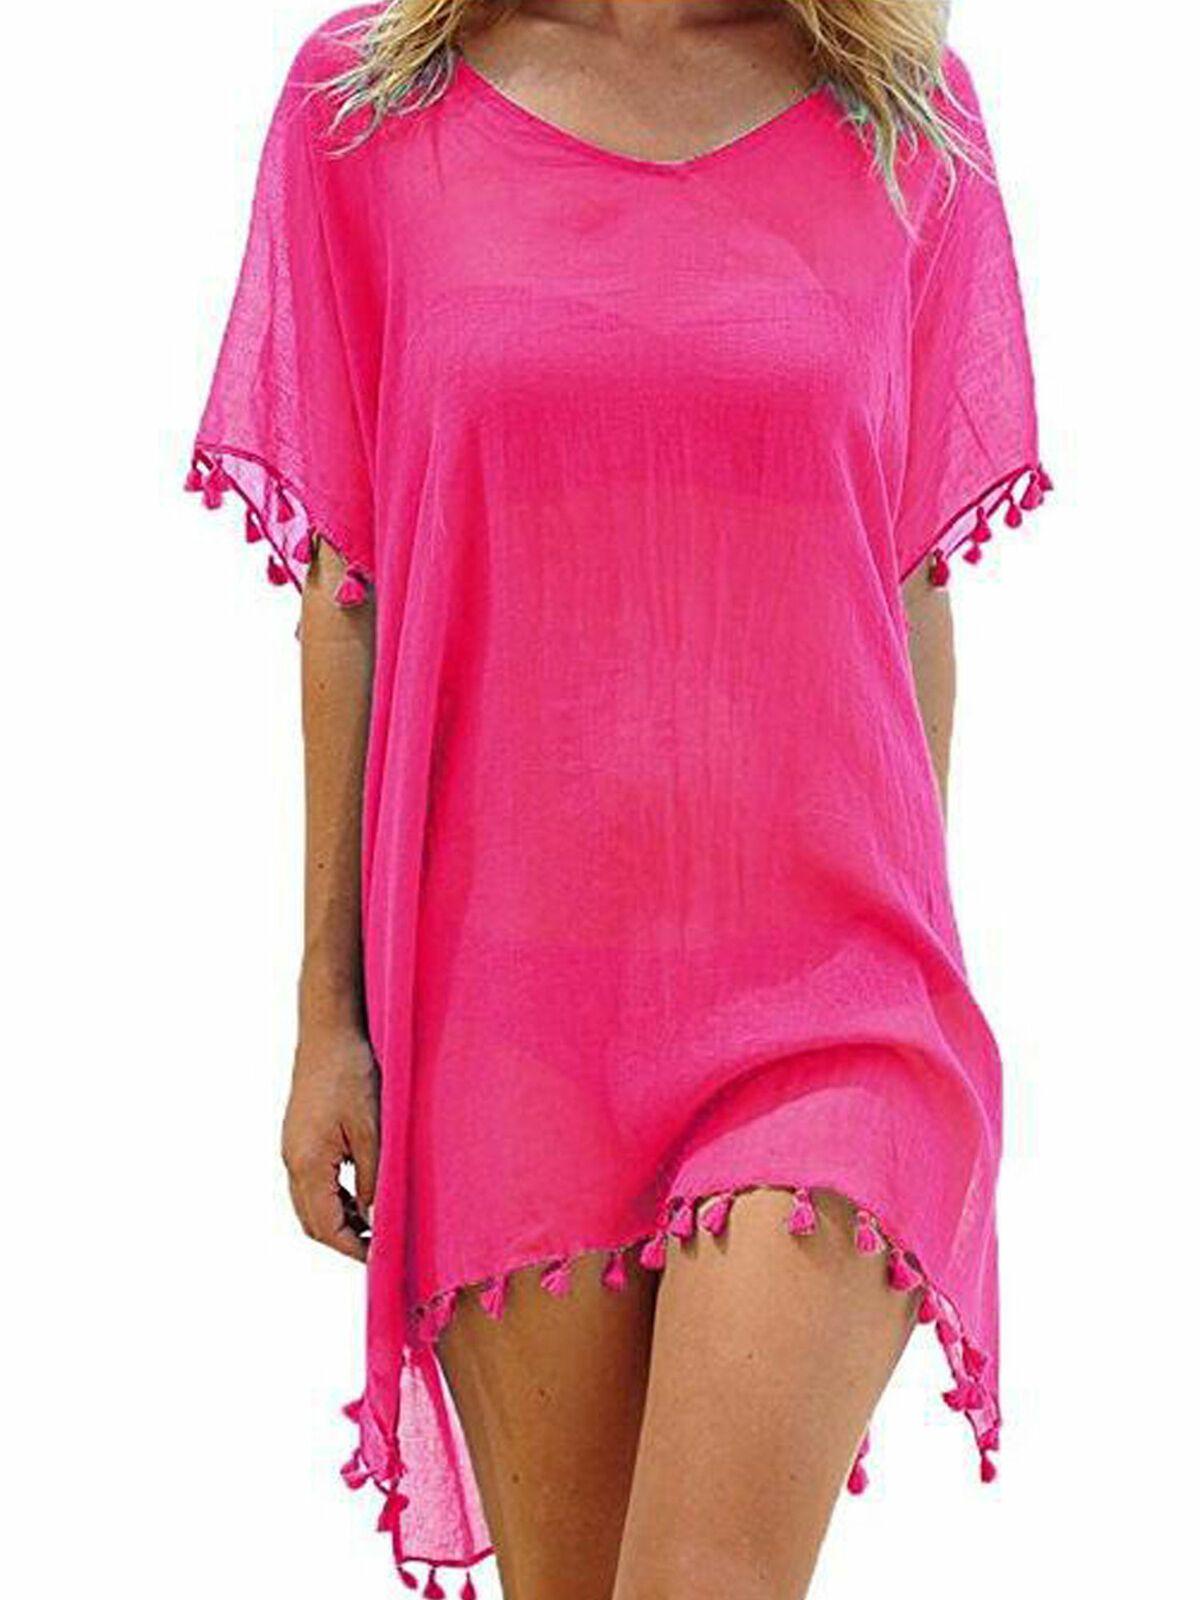 Multitrust Multitrust New Women Beachwear Swimwear Bikini Beach Wear Cover Up Summer Tassel Dress Walmart Com Swimsuit Beach Dress Beachwear For Women Women Swimsuits [ 1600 x 1200 Pixel ]